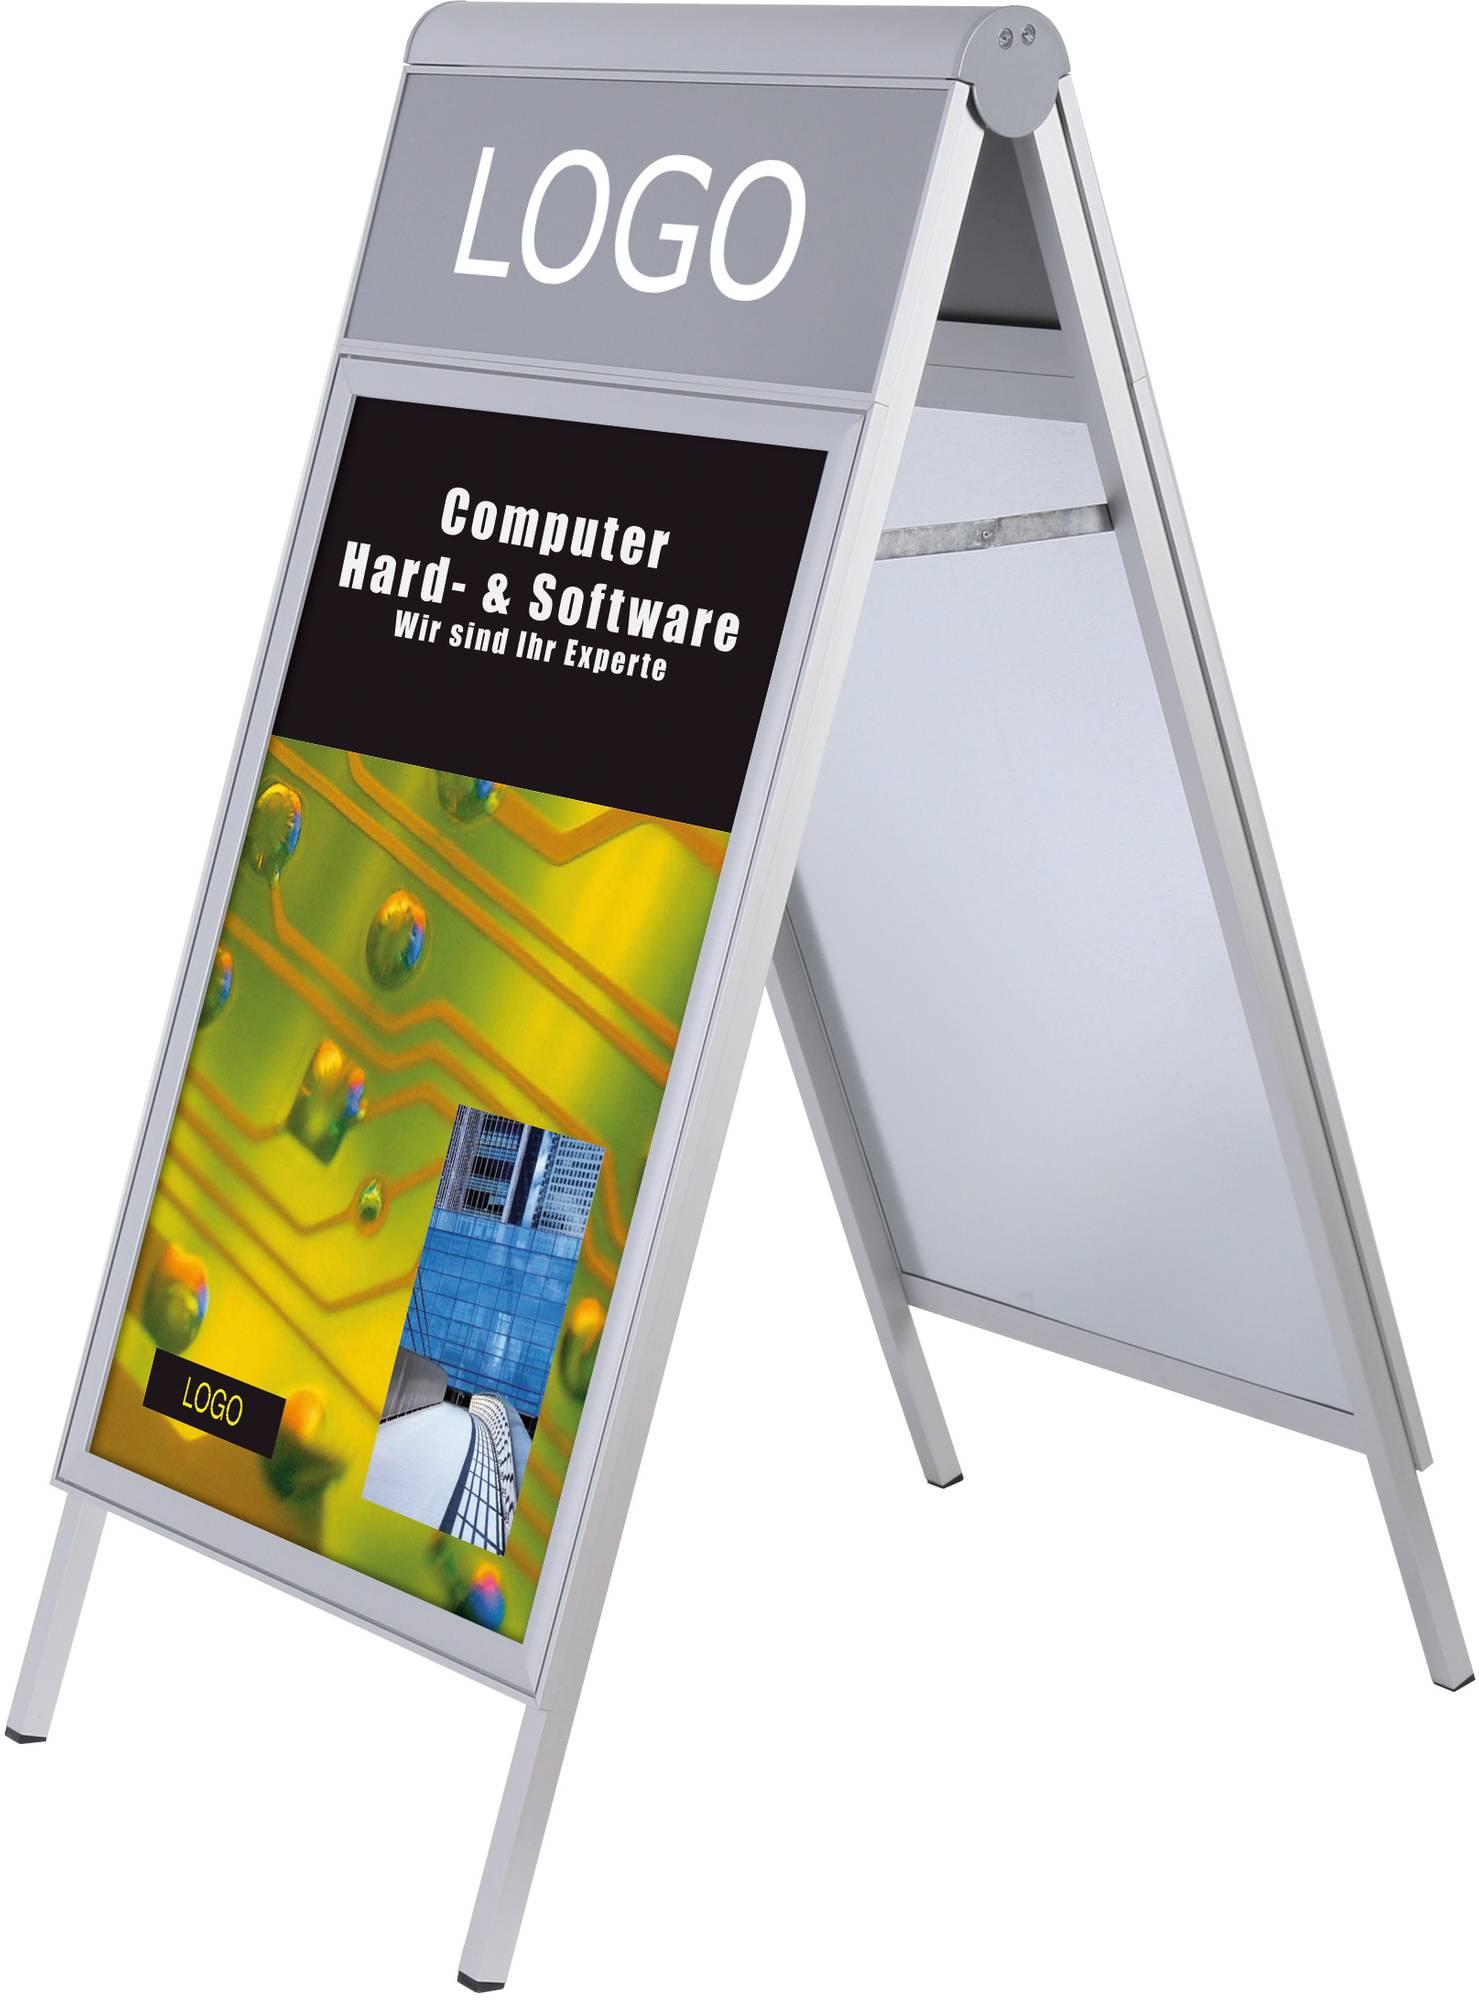 Kundenstopper 'Compasso' mit Platz für Logo oder Schriftzug für Plakte in A1 Format in alu-silber